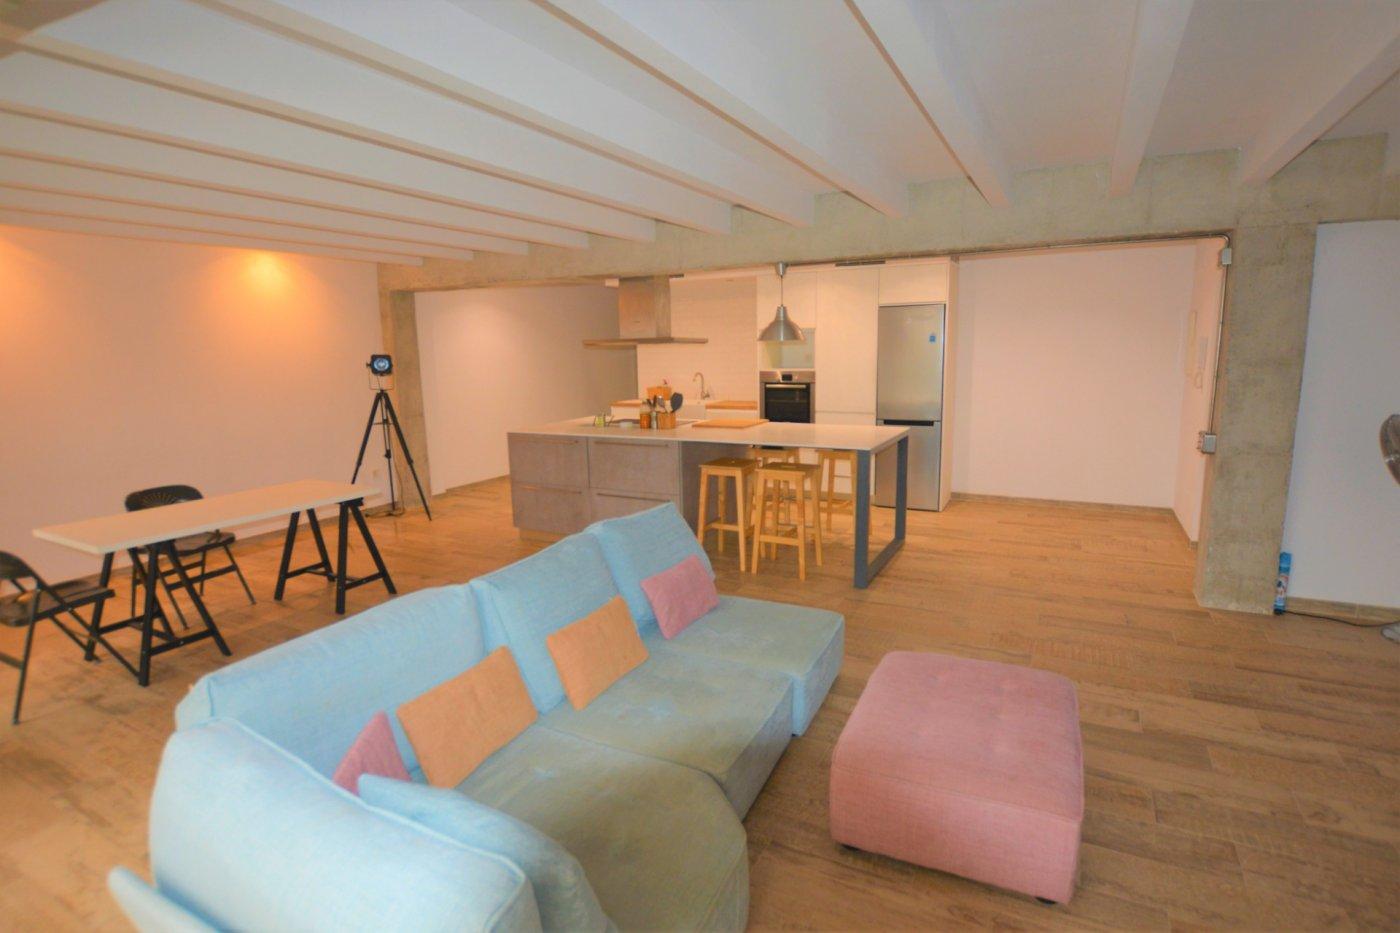 Increíble piso recientemente reformado. - imagenInmueble11